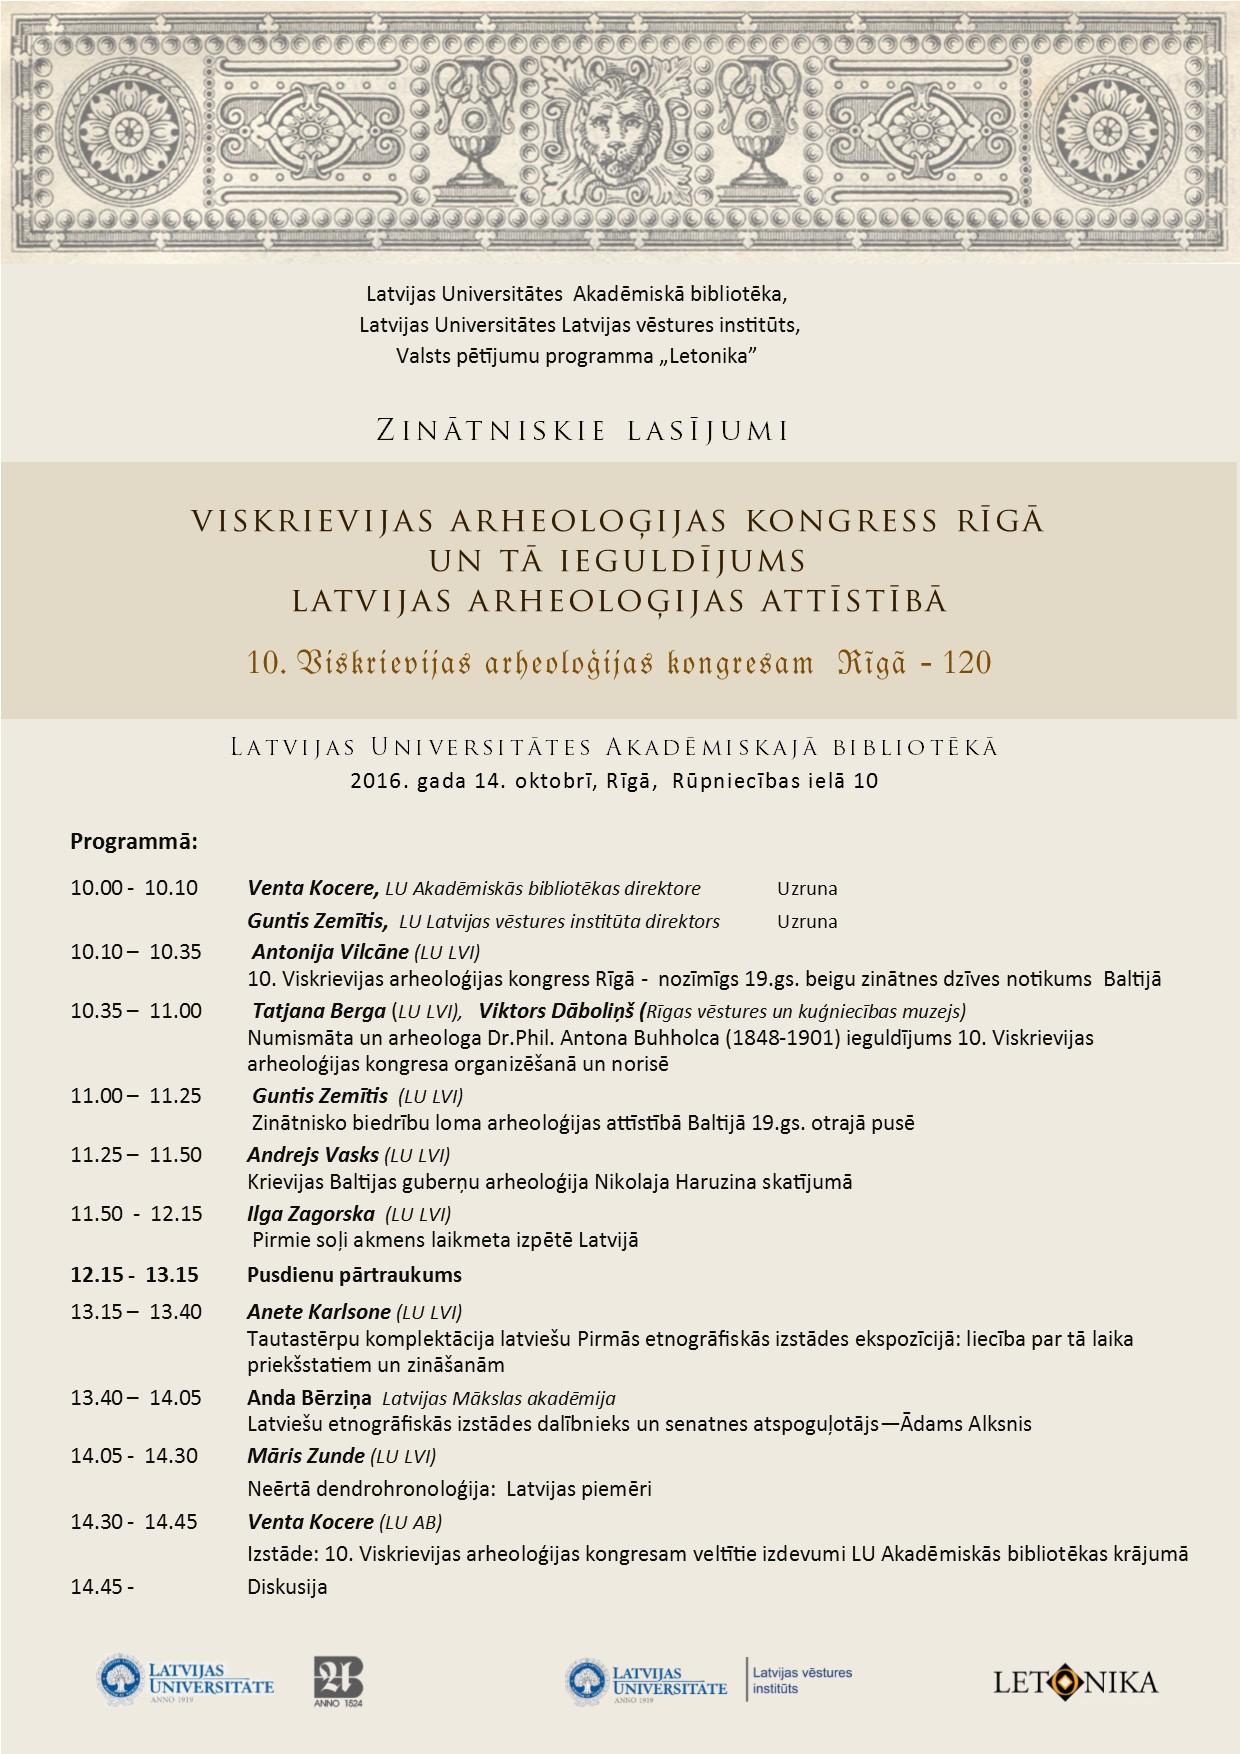 viskrievijas_arheologijas_kongress_-programma1.jpg